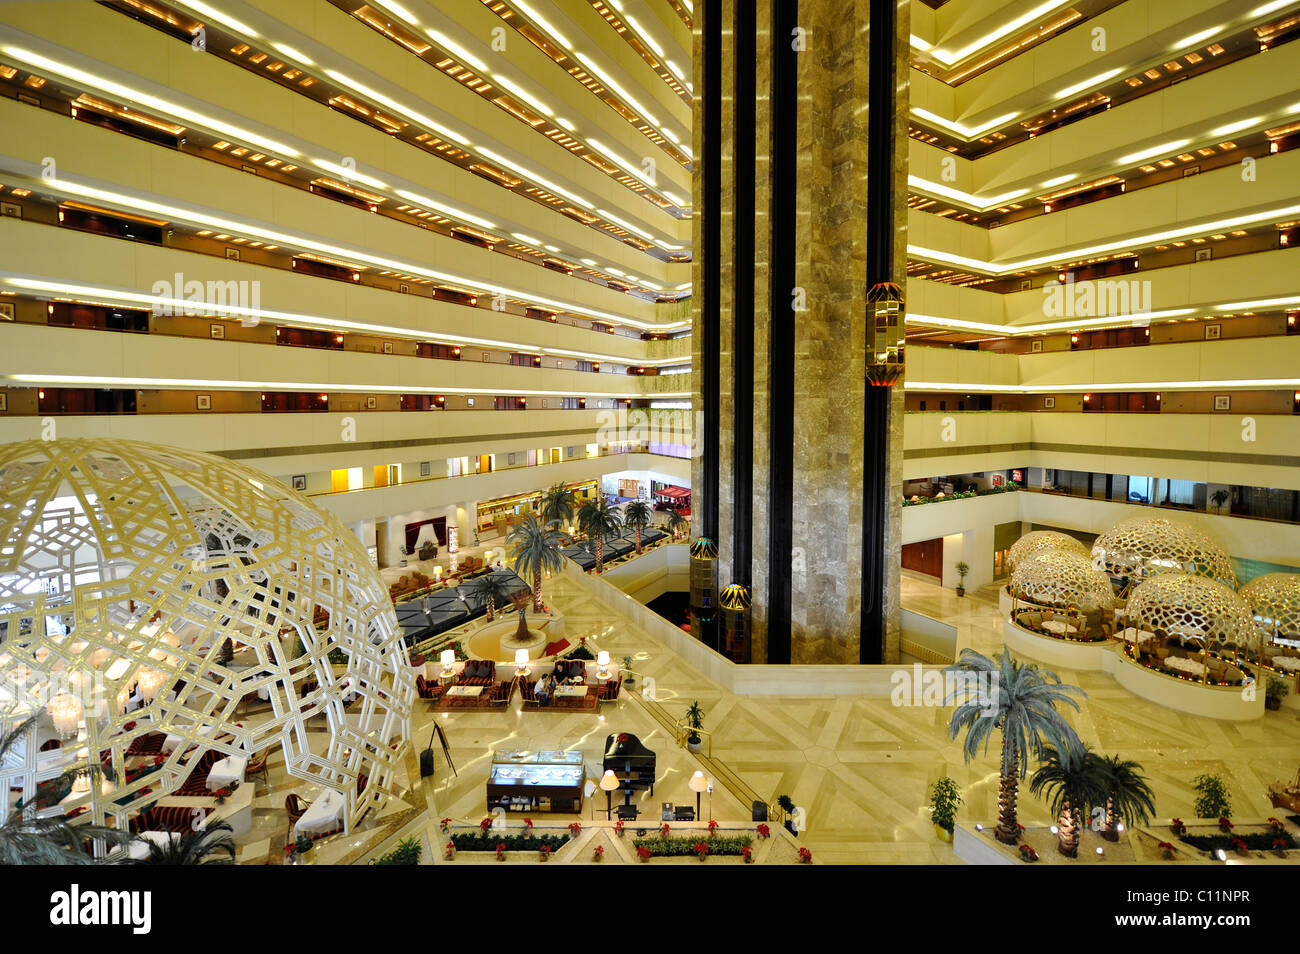 L'intérieur, ascenseurs, l'hôtel Sheraton de Doha, Doha, Qatar, du golfe Persique, au Moyen-Orient, Photo Stock